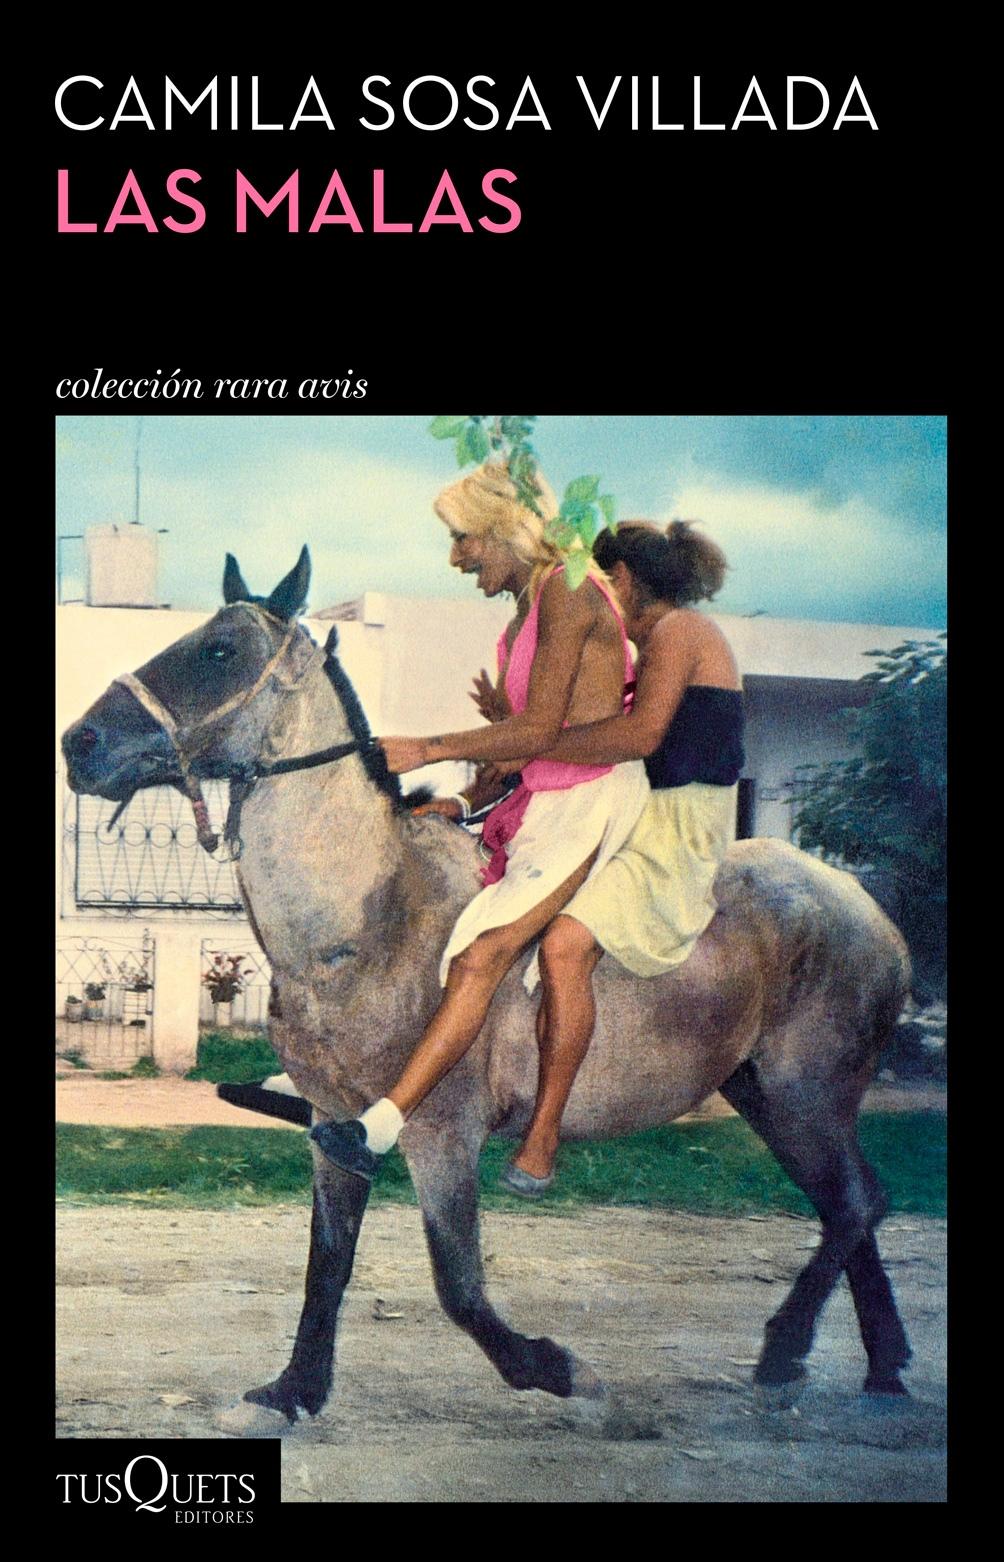 Las malas, el libro de Camila Sosa Villada, editado por Tusquets.